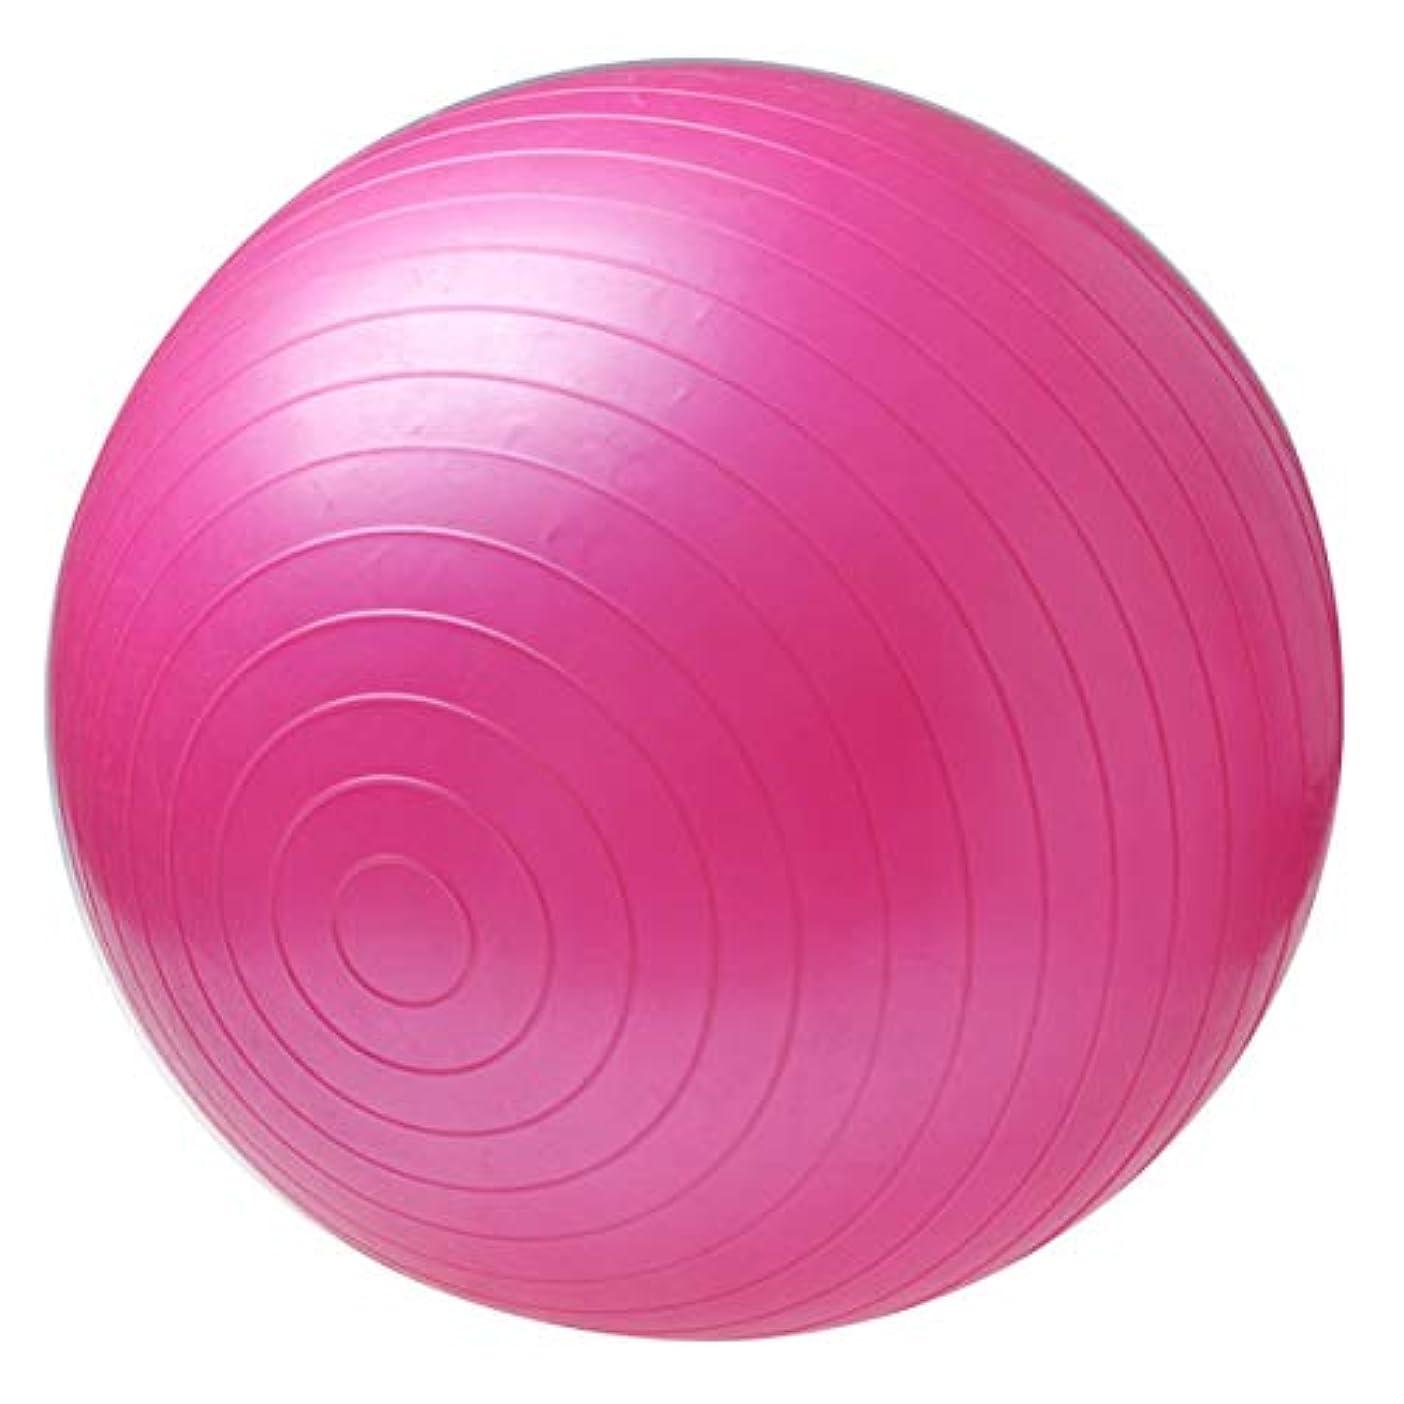 複製特権的クック非毒性スポーツヨガボールボラピラティスフィットネスジムバランスフィットボールエクササイズピラティスワークアウトマッサージボール - ピンク75センチ